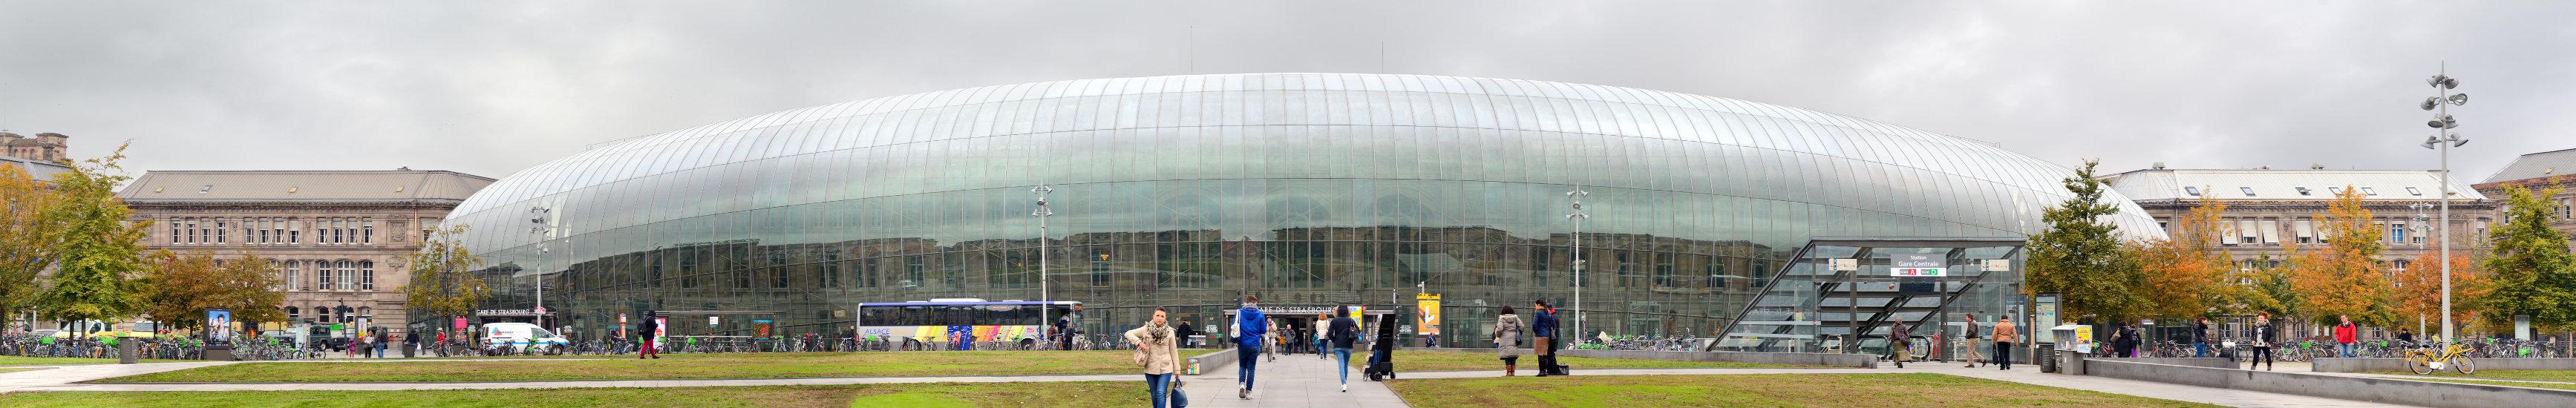 Gare de Strasbourg-Ville | New Facade